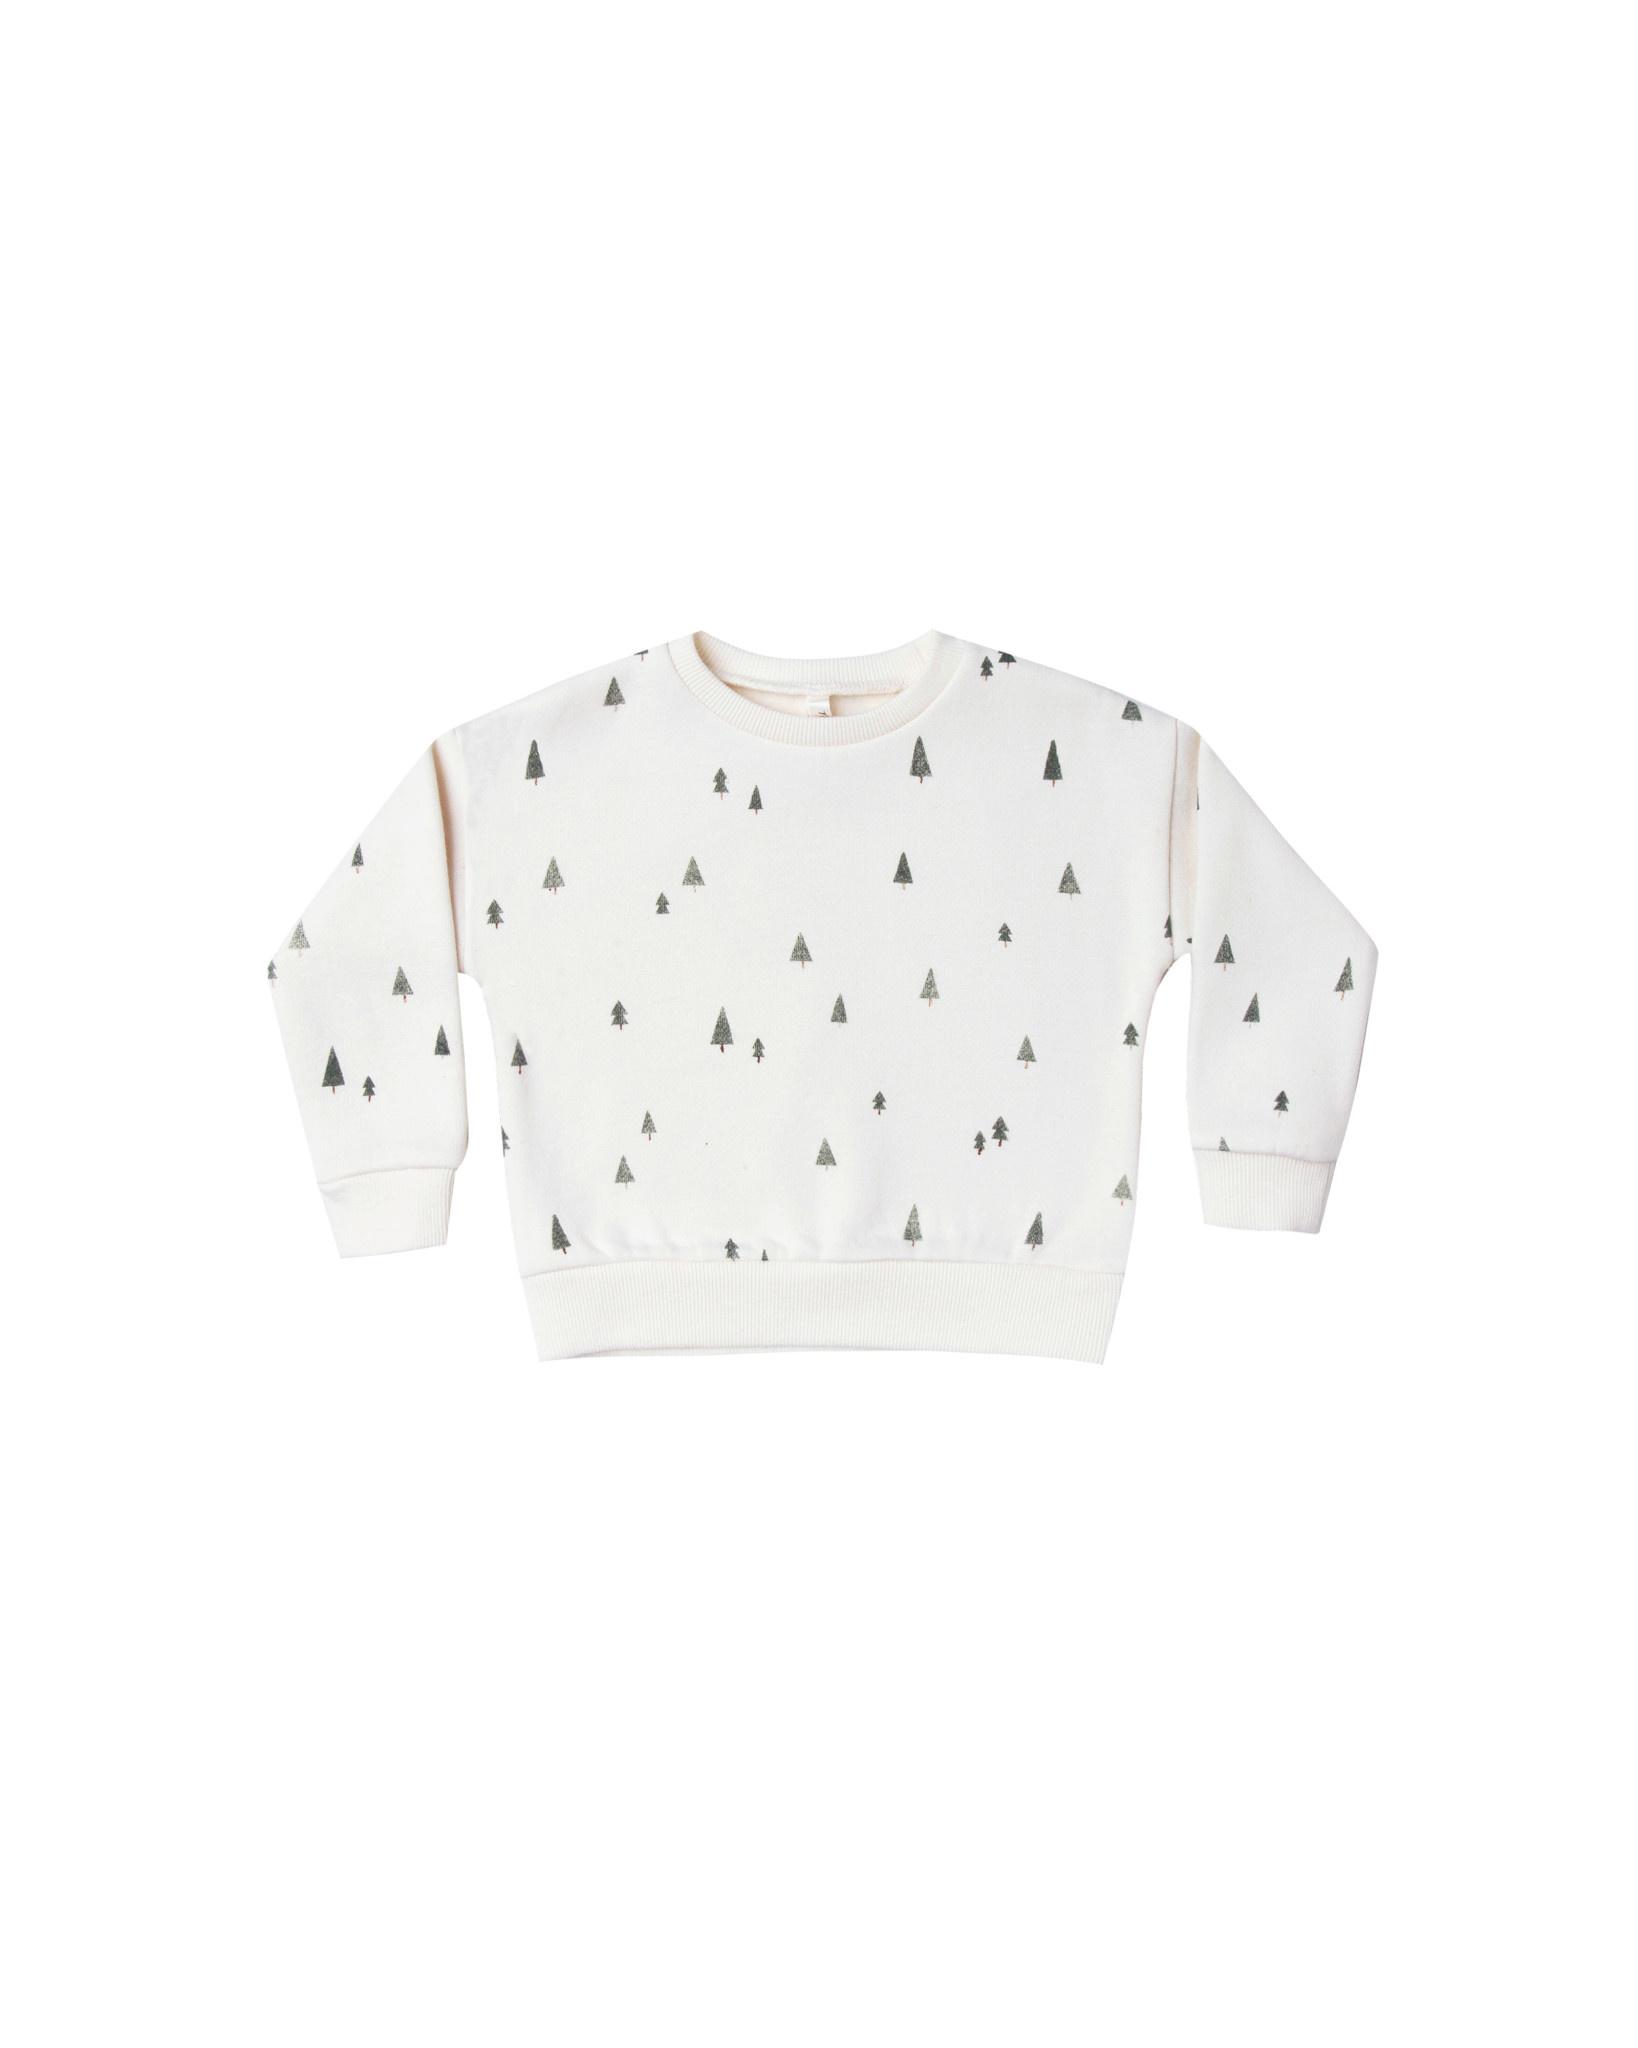 Rylee & Cru Trees Sweatshirt